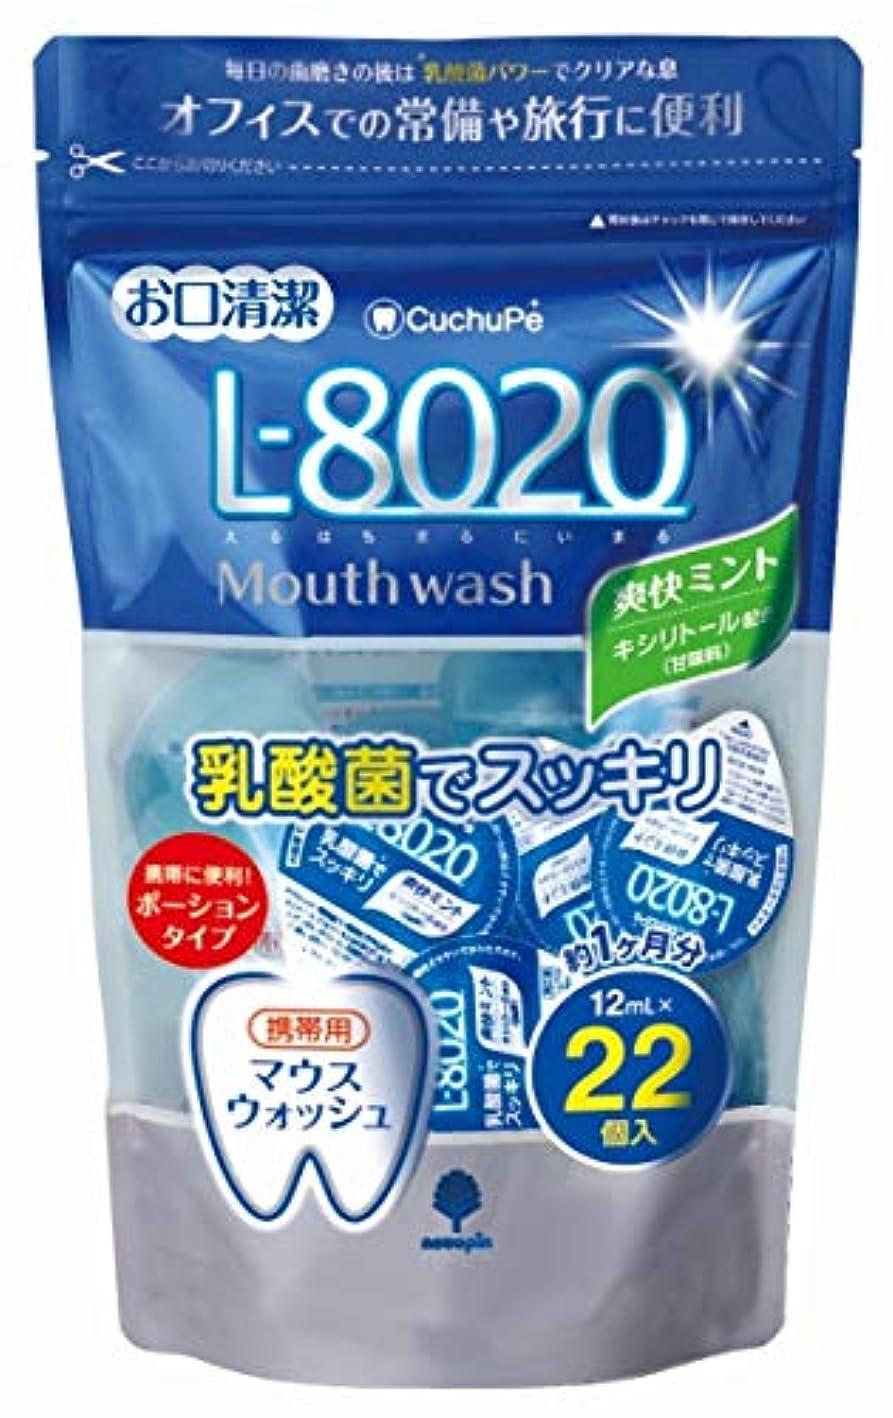 弱まる寄稿者ビルマ日本製 made in japan クチュッペL-8020 爽快ミント ポーションタイプ22個入(アルコール) K-7095【まとめ買い6個セット】